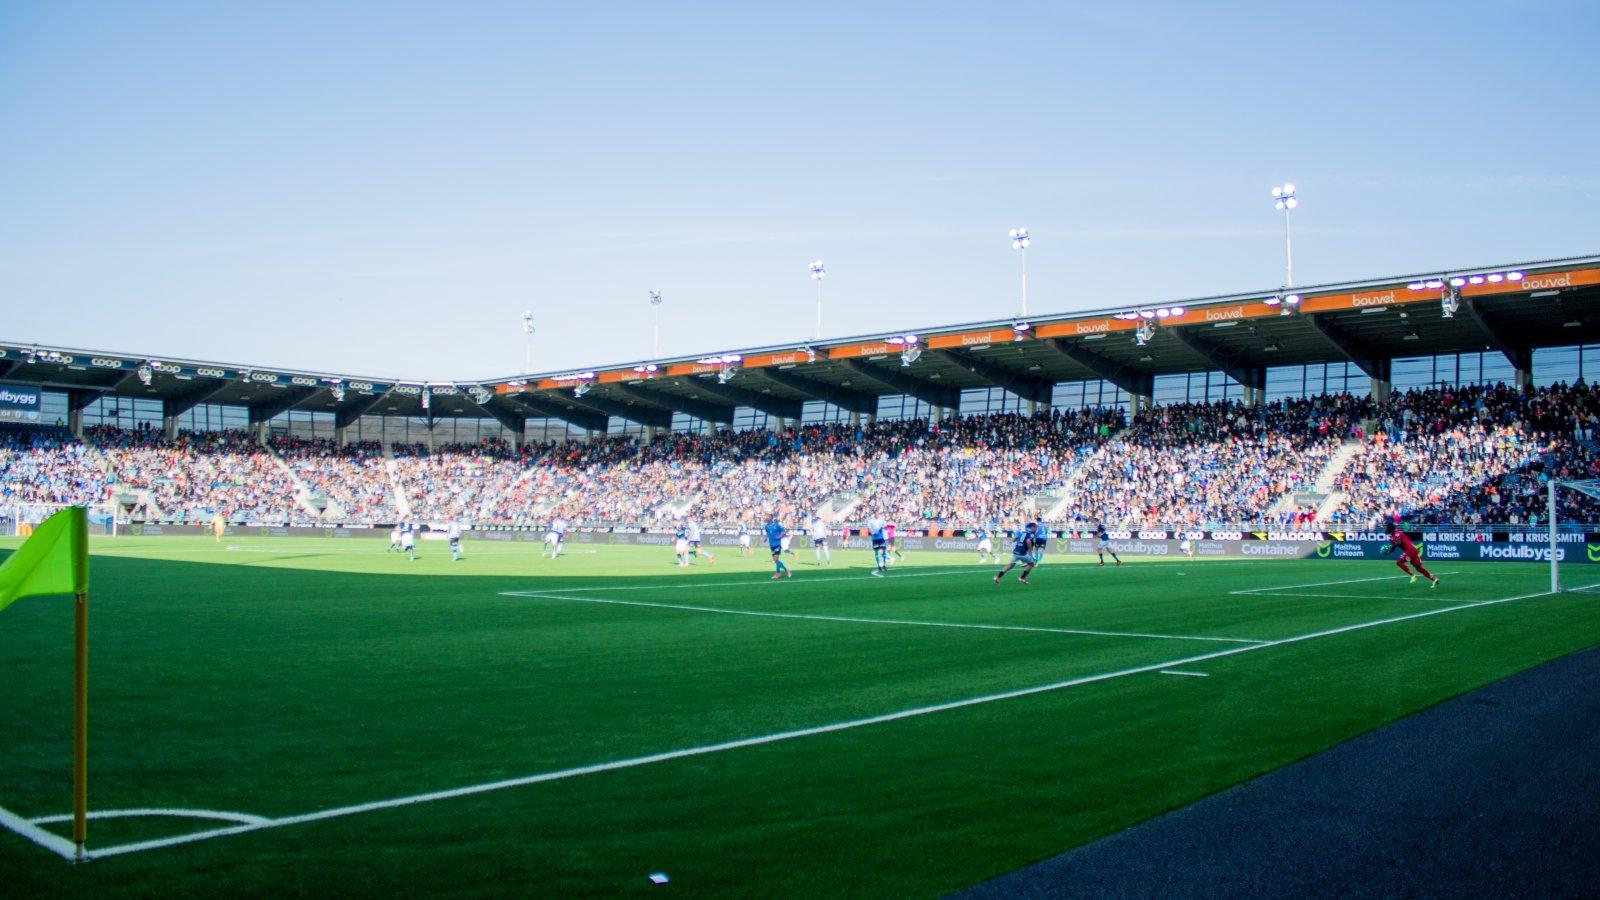 Viking - Sandnes Ulf, SR-Bank Arena. Foto: Sander Selsvik Jacobsen